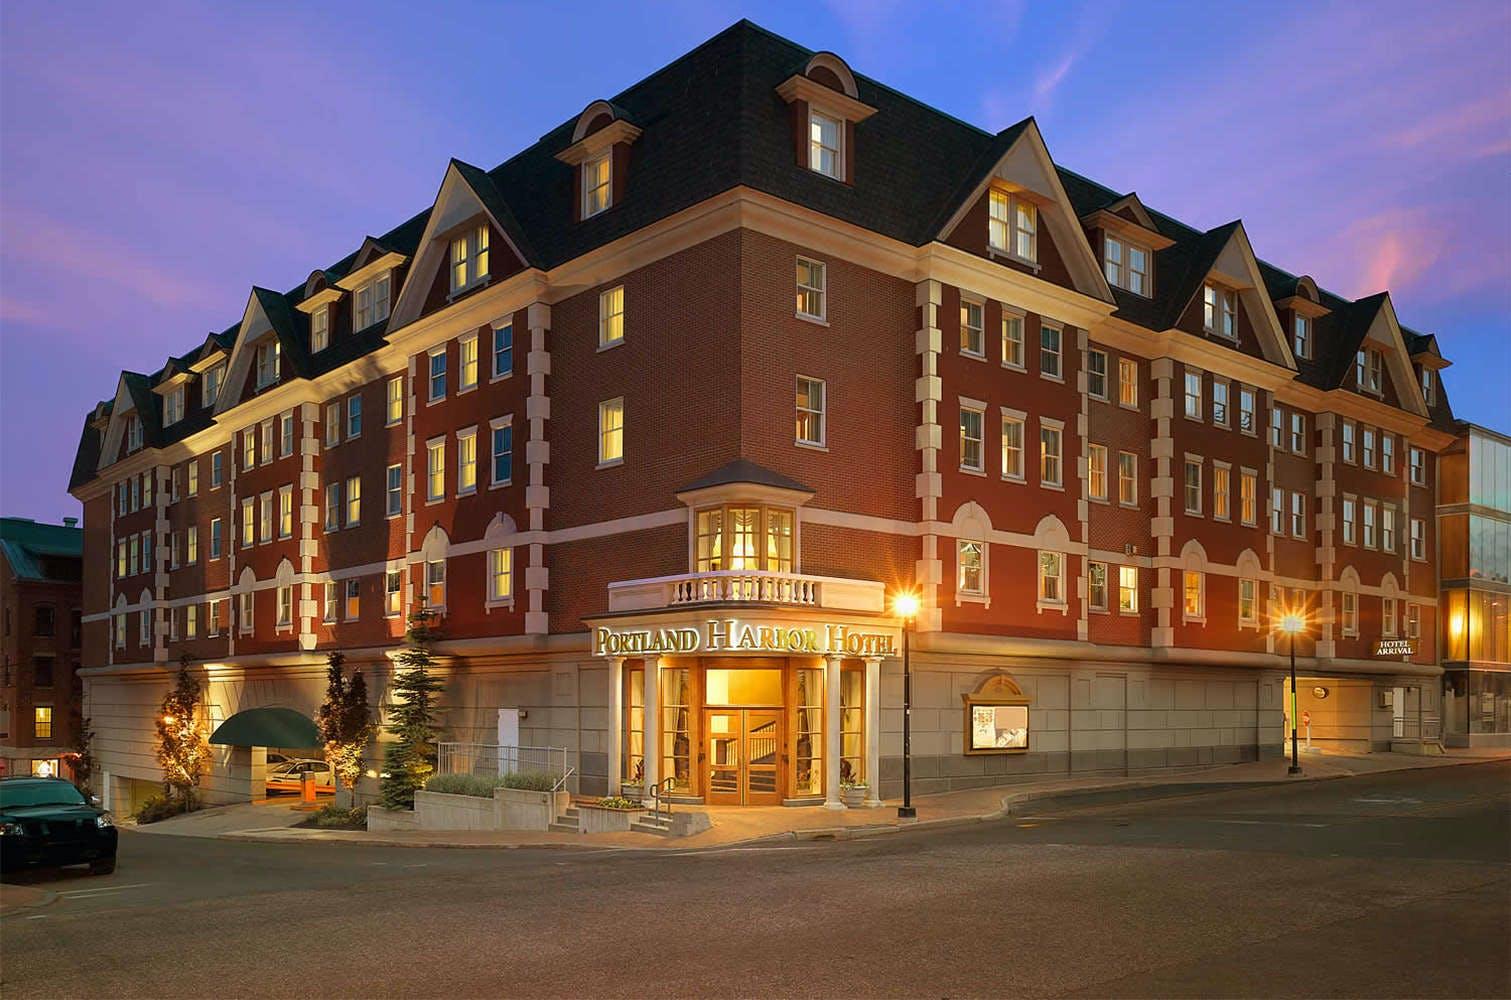 Last Minute Hotel Deals in Portland, ME - HotelTonight